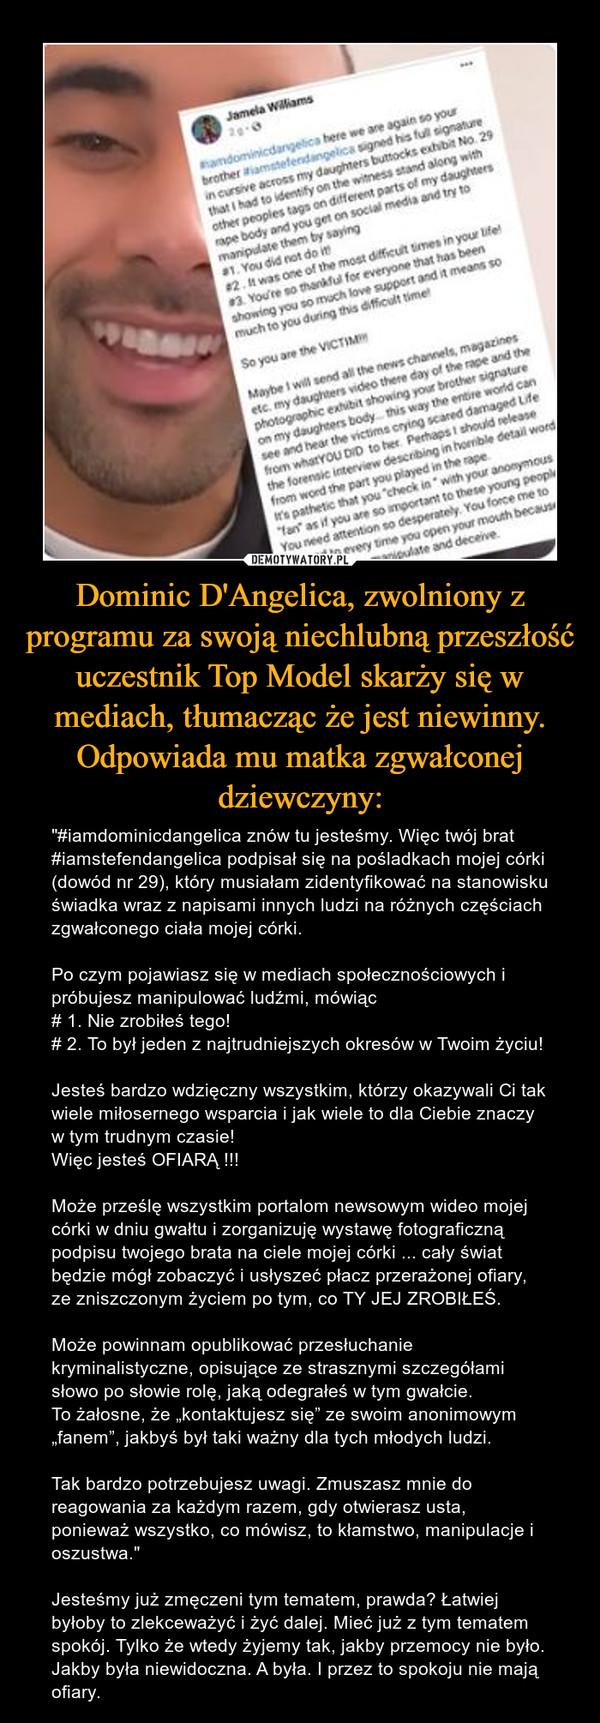 """Dominic D'Angelica, zwolniony z programu za swoją niechlubną przeszłość uczestnik Top Model skarży się w mediach, tłumacząc że jest niewinny. Odpowiada mu matka zgwałconej dziewczyny: – """"#iamdominicdangelica znów tu jesteśmy. Więc twój brat #iamstefendangelica podpisał się na pośladkach mojej córki (dowód nr 29), który musiałam zidentyfikować na stanowisku świadka wraz z napisami innych ludzi na różnych częściach zgwałconego ciała mojej córki.Po czym pojawiasz się w mediach społecznościowych i próbujesz manipulować ludźmi, mówiąc# 1. Nie zrobiłeś tego!# 2. To był jeden z najtrudniejszych okresów w Twoim życiu!Jesteś bardzo wdzięczny wszystkim, którzy okazywali Ci tak wiele miłosernego wsparcia i jak wiele to dla Ciebie znaczy w tym trudnym czasie!Więc jesteś OFIARĄ !!!Może prześlę wszystkim portalom newsowym wideo mojej córki w dniu gwałtu i zorganizuję wystawę fotograficzną podpisu twojego brata na ciele mojej córki ... cały świat będzie mógł zobaczyć i usłyszeć płacz przerażonej ofiary, ze zniszczonym życiem po tym, co TY JEJ ZROBIŁEŚ.Może powinnam opublikować przesłuchanie kryminalistyczne, opisujące ze strasznymi szczegółami słowo po słowie rolę, jaką odegrałeś w tym gwałcie.To żałosne, że """"kontaktujesz się"""" ze swoim anonimowym """"fanem"""", jakbyś był taki ważny dla tych młodych ludzi.Tak bardzo potrzebujesz uwagi. Zmuszasz mnie do reagowania za każdym razem, gdy otwierasz usta, ponieważ wszystko, co mówisz, to kłamstwo, manipulacje i oszustwa.""""Jesteśmy już zmęczeni tym tematem, prawda? Łatwiej byłoby to zlekceważyć i żyć dalej. Mieć już z tym tematem spokój. Tylko że wtedy żyjemy tak, jakby przemocy nie było. Jakby była niewidoczna. A była. I przez to spokoju nie mają ofiary."""